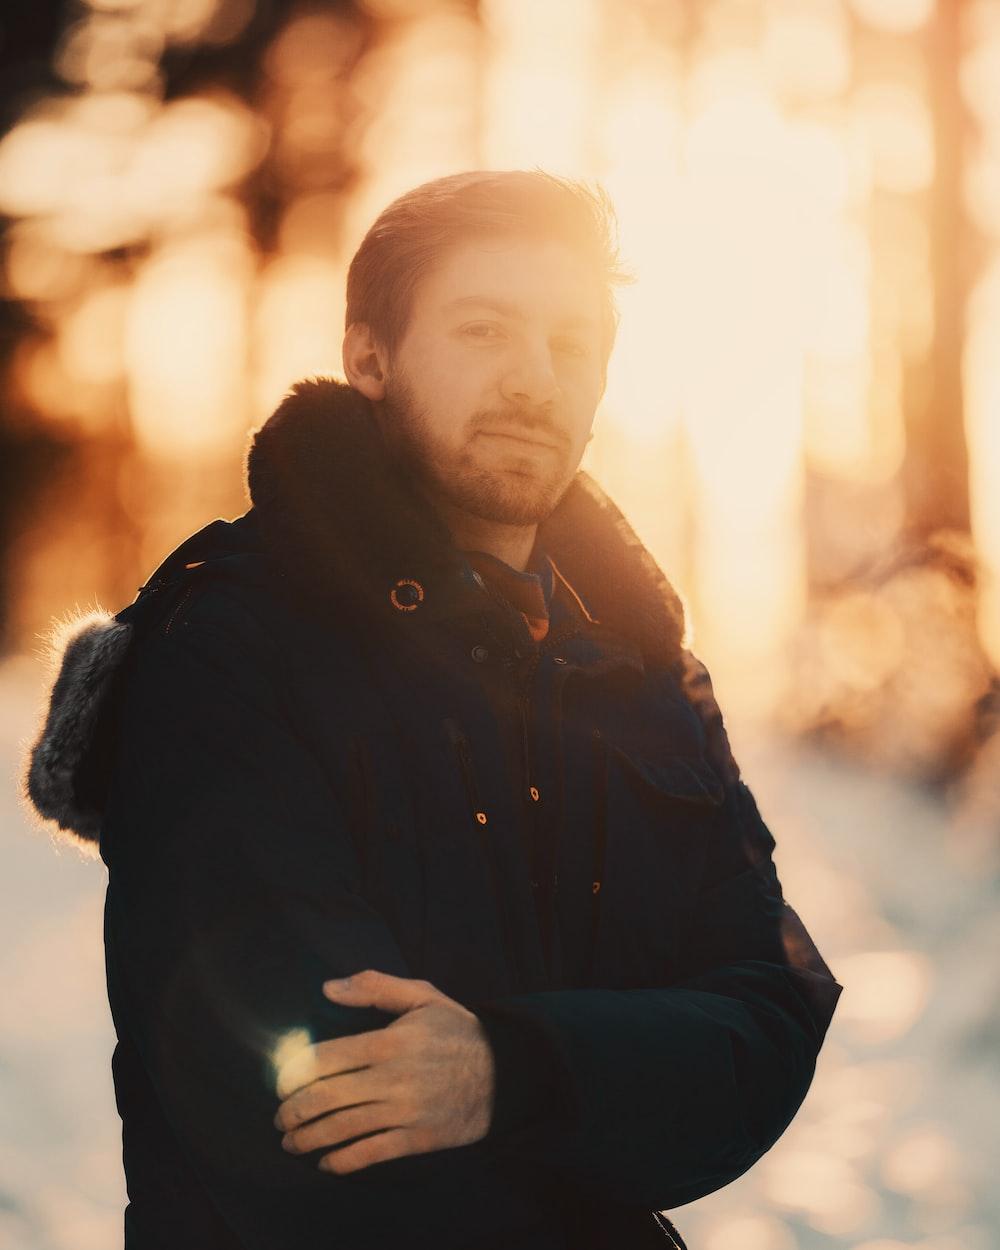 man in black jacket standing during daytime